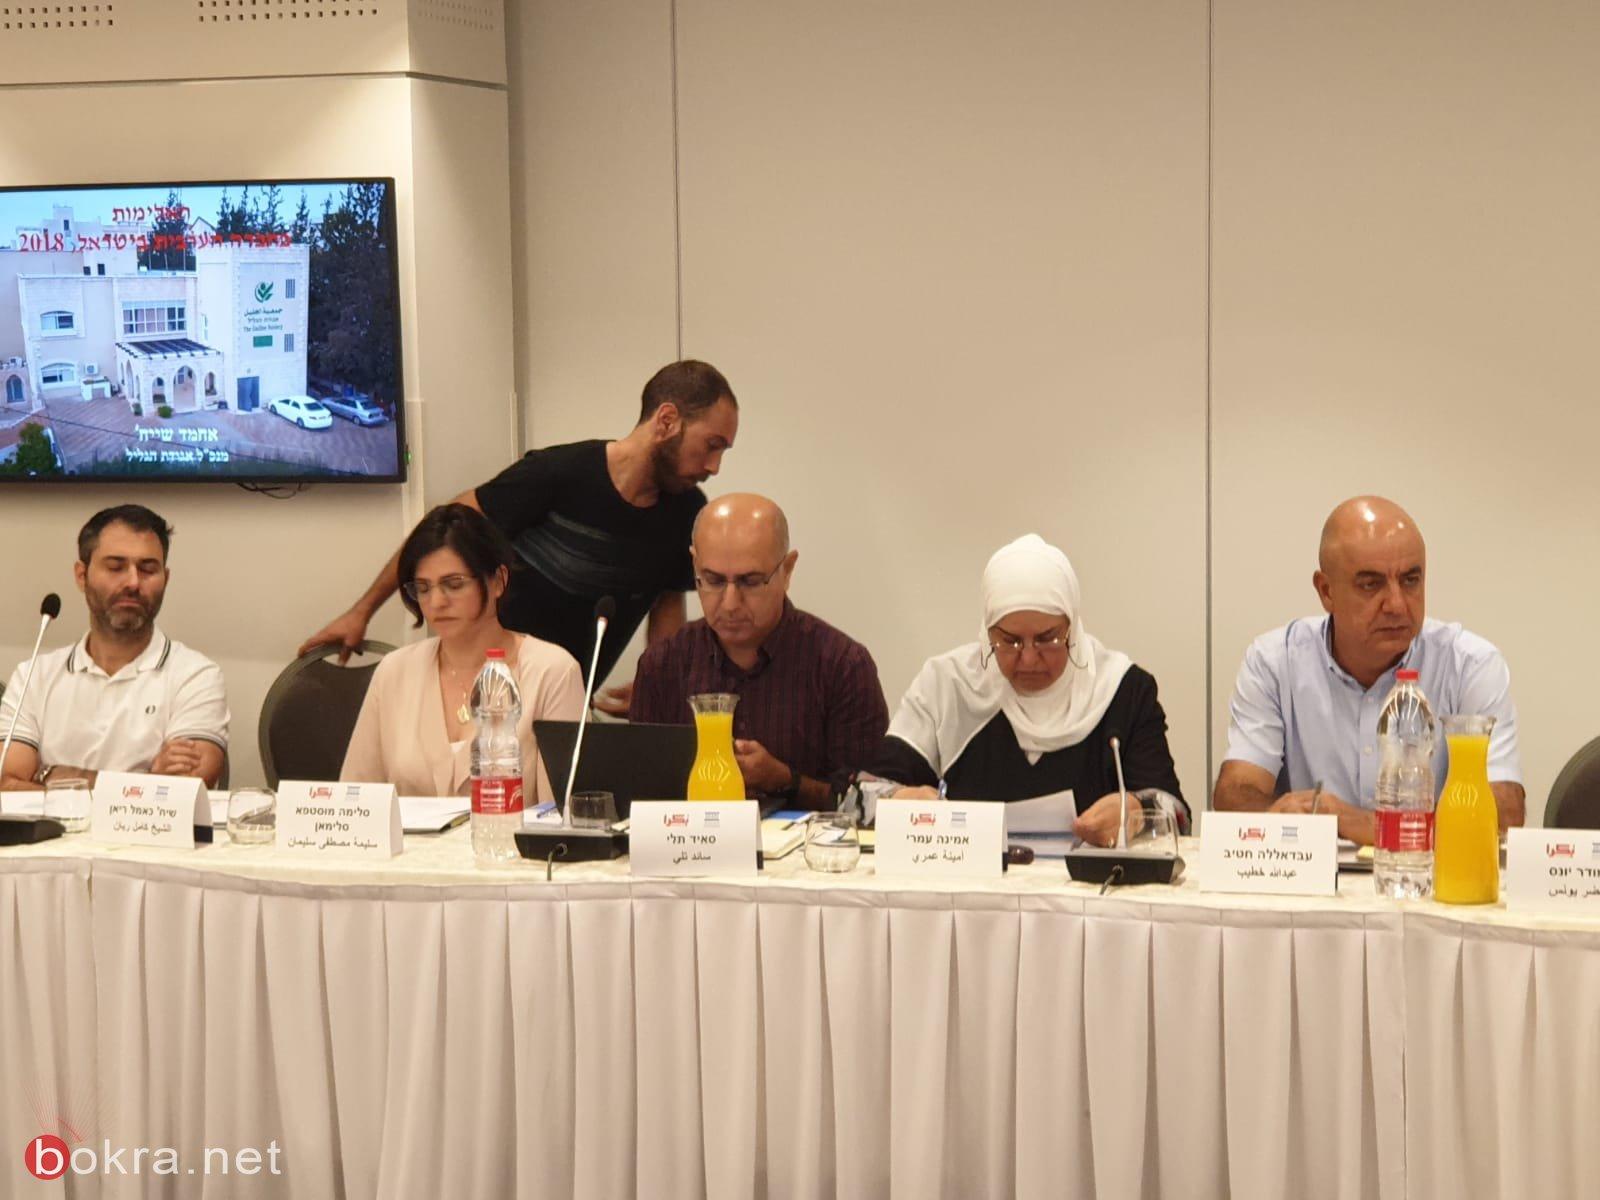 العنف في المجتمع العربي، أسبابه، والحلول لمكافحته؟ .. يوم دراسي في الناصرة-171